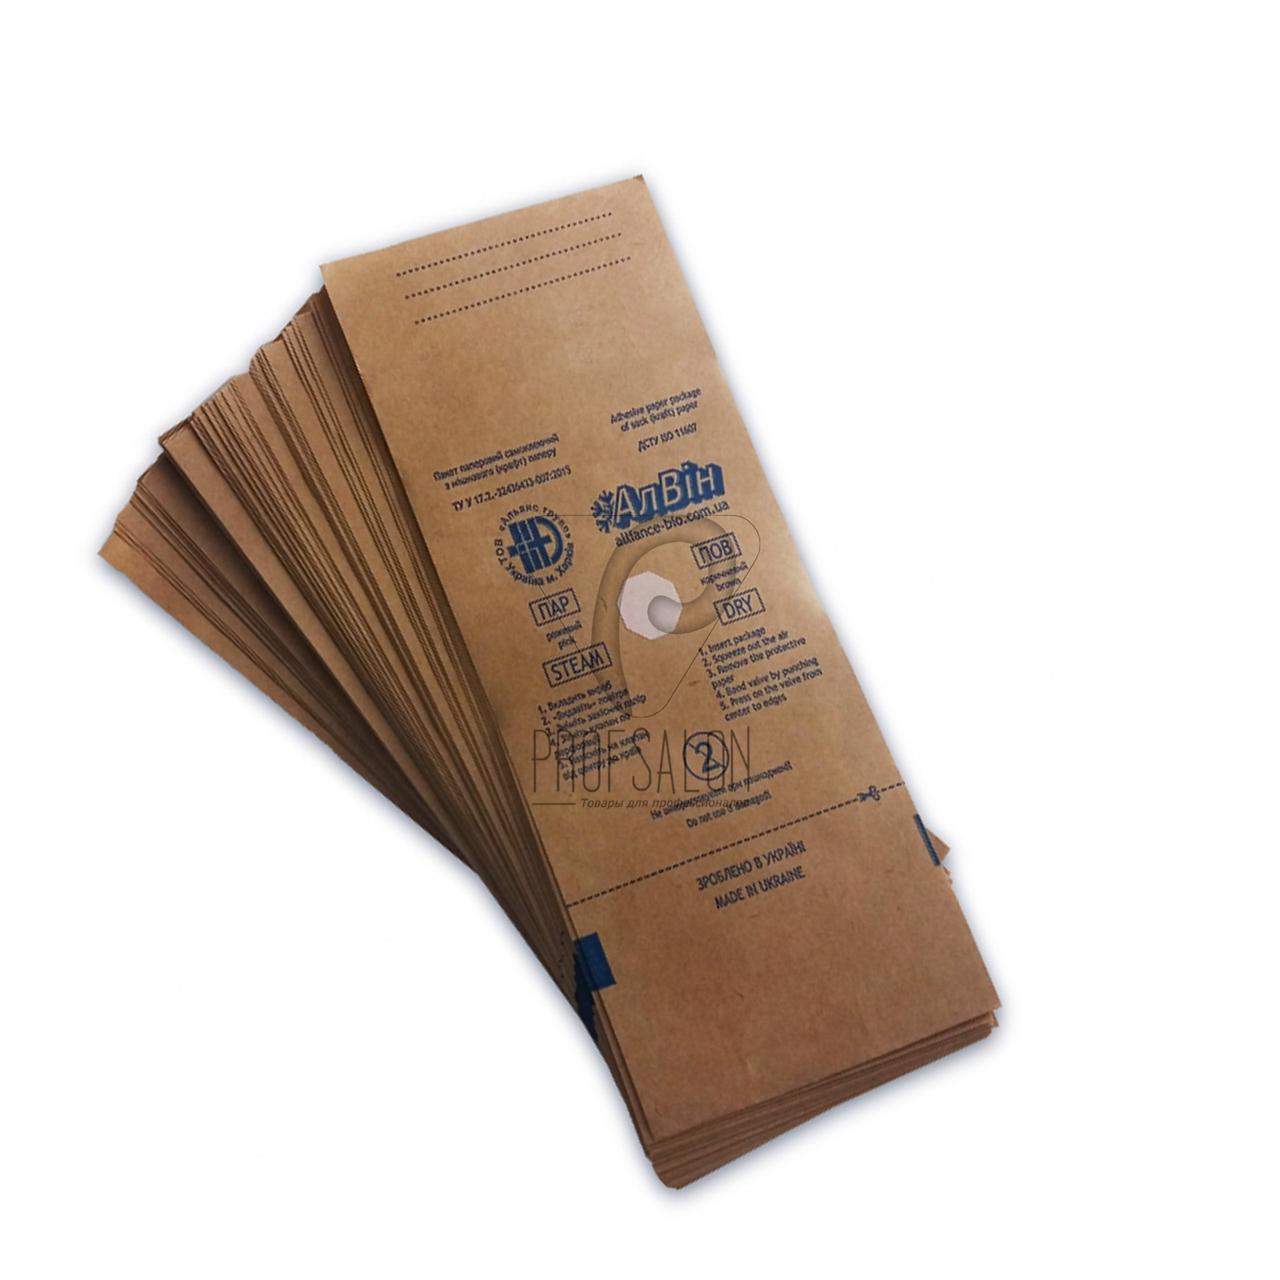 Крафт пакеты для стерилизации 100х250 Алвин, индикаторы-паровая, воздушная, этиленоксидная 100 шт